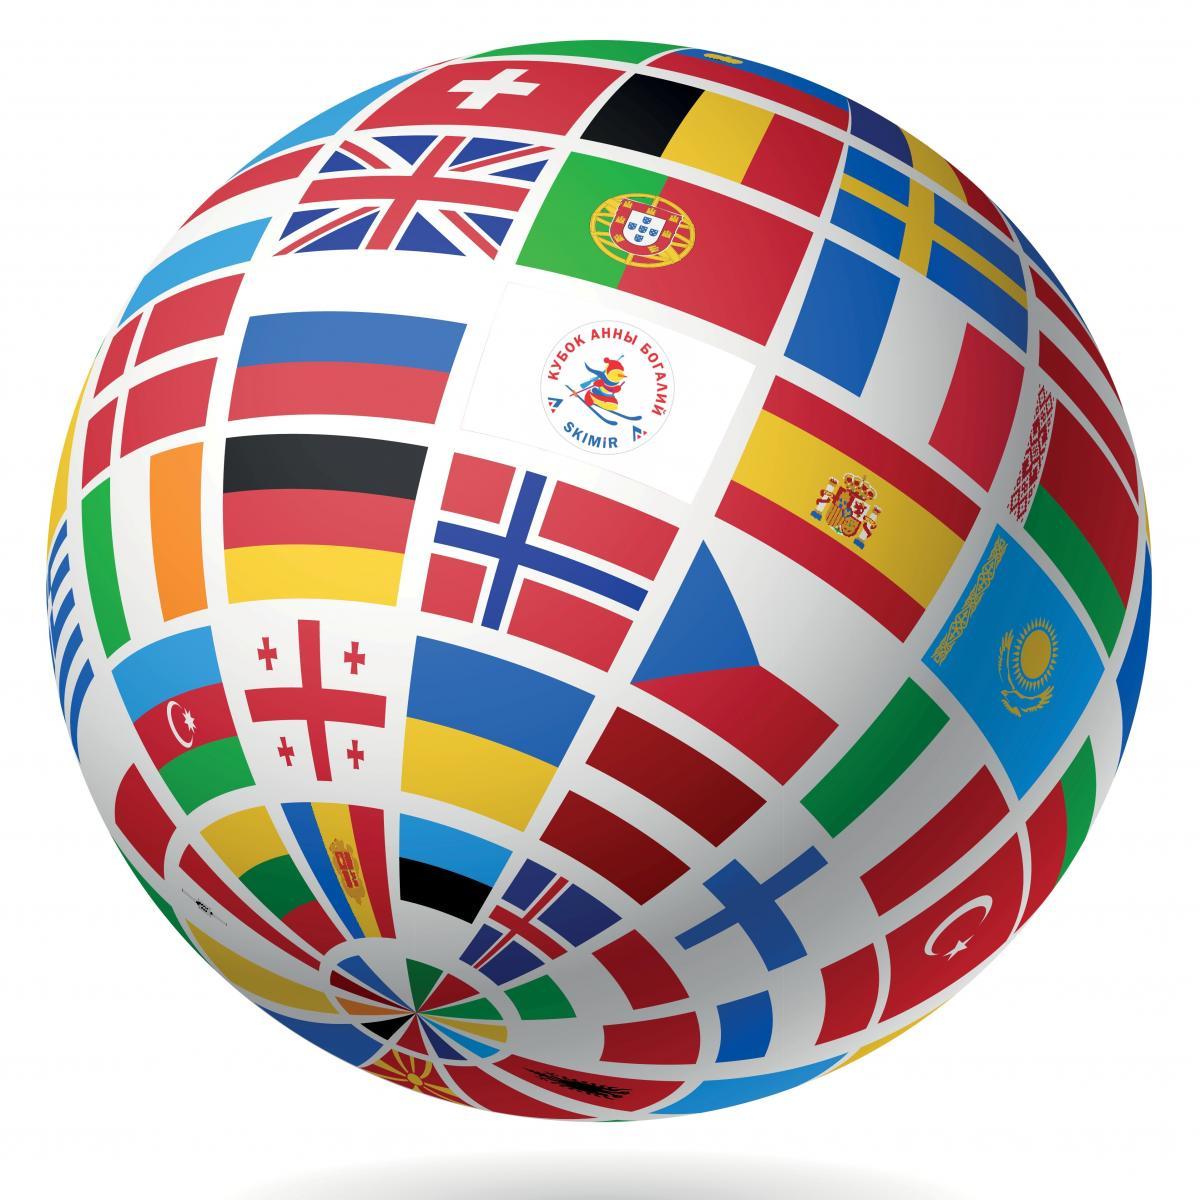 Шрифт картинку, открытки с флагами стран мира